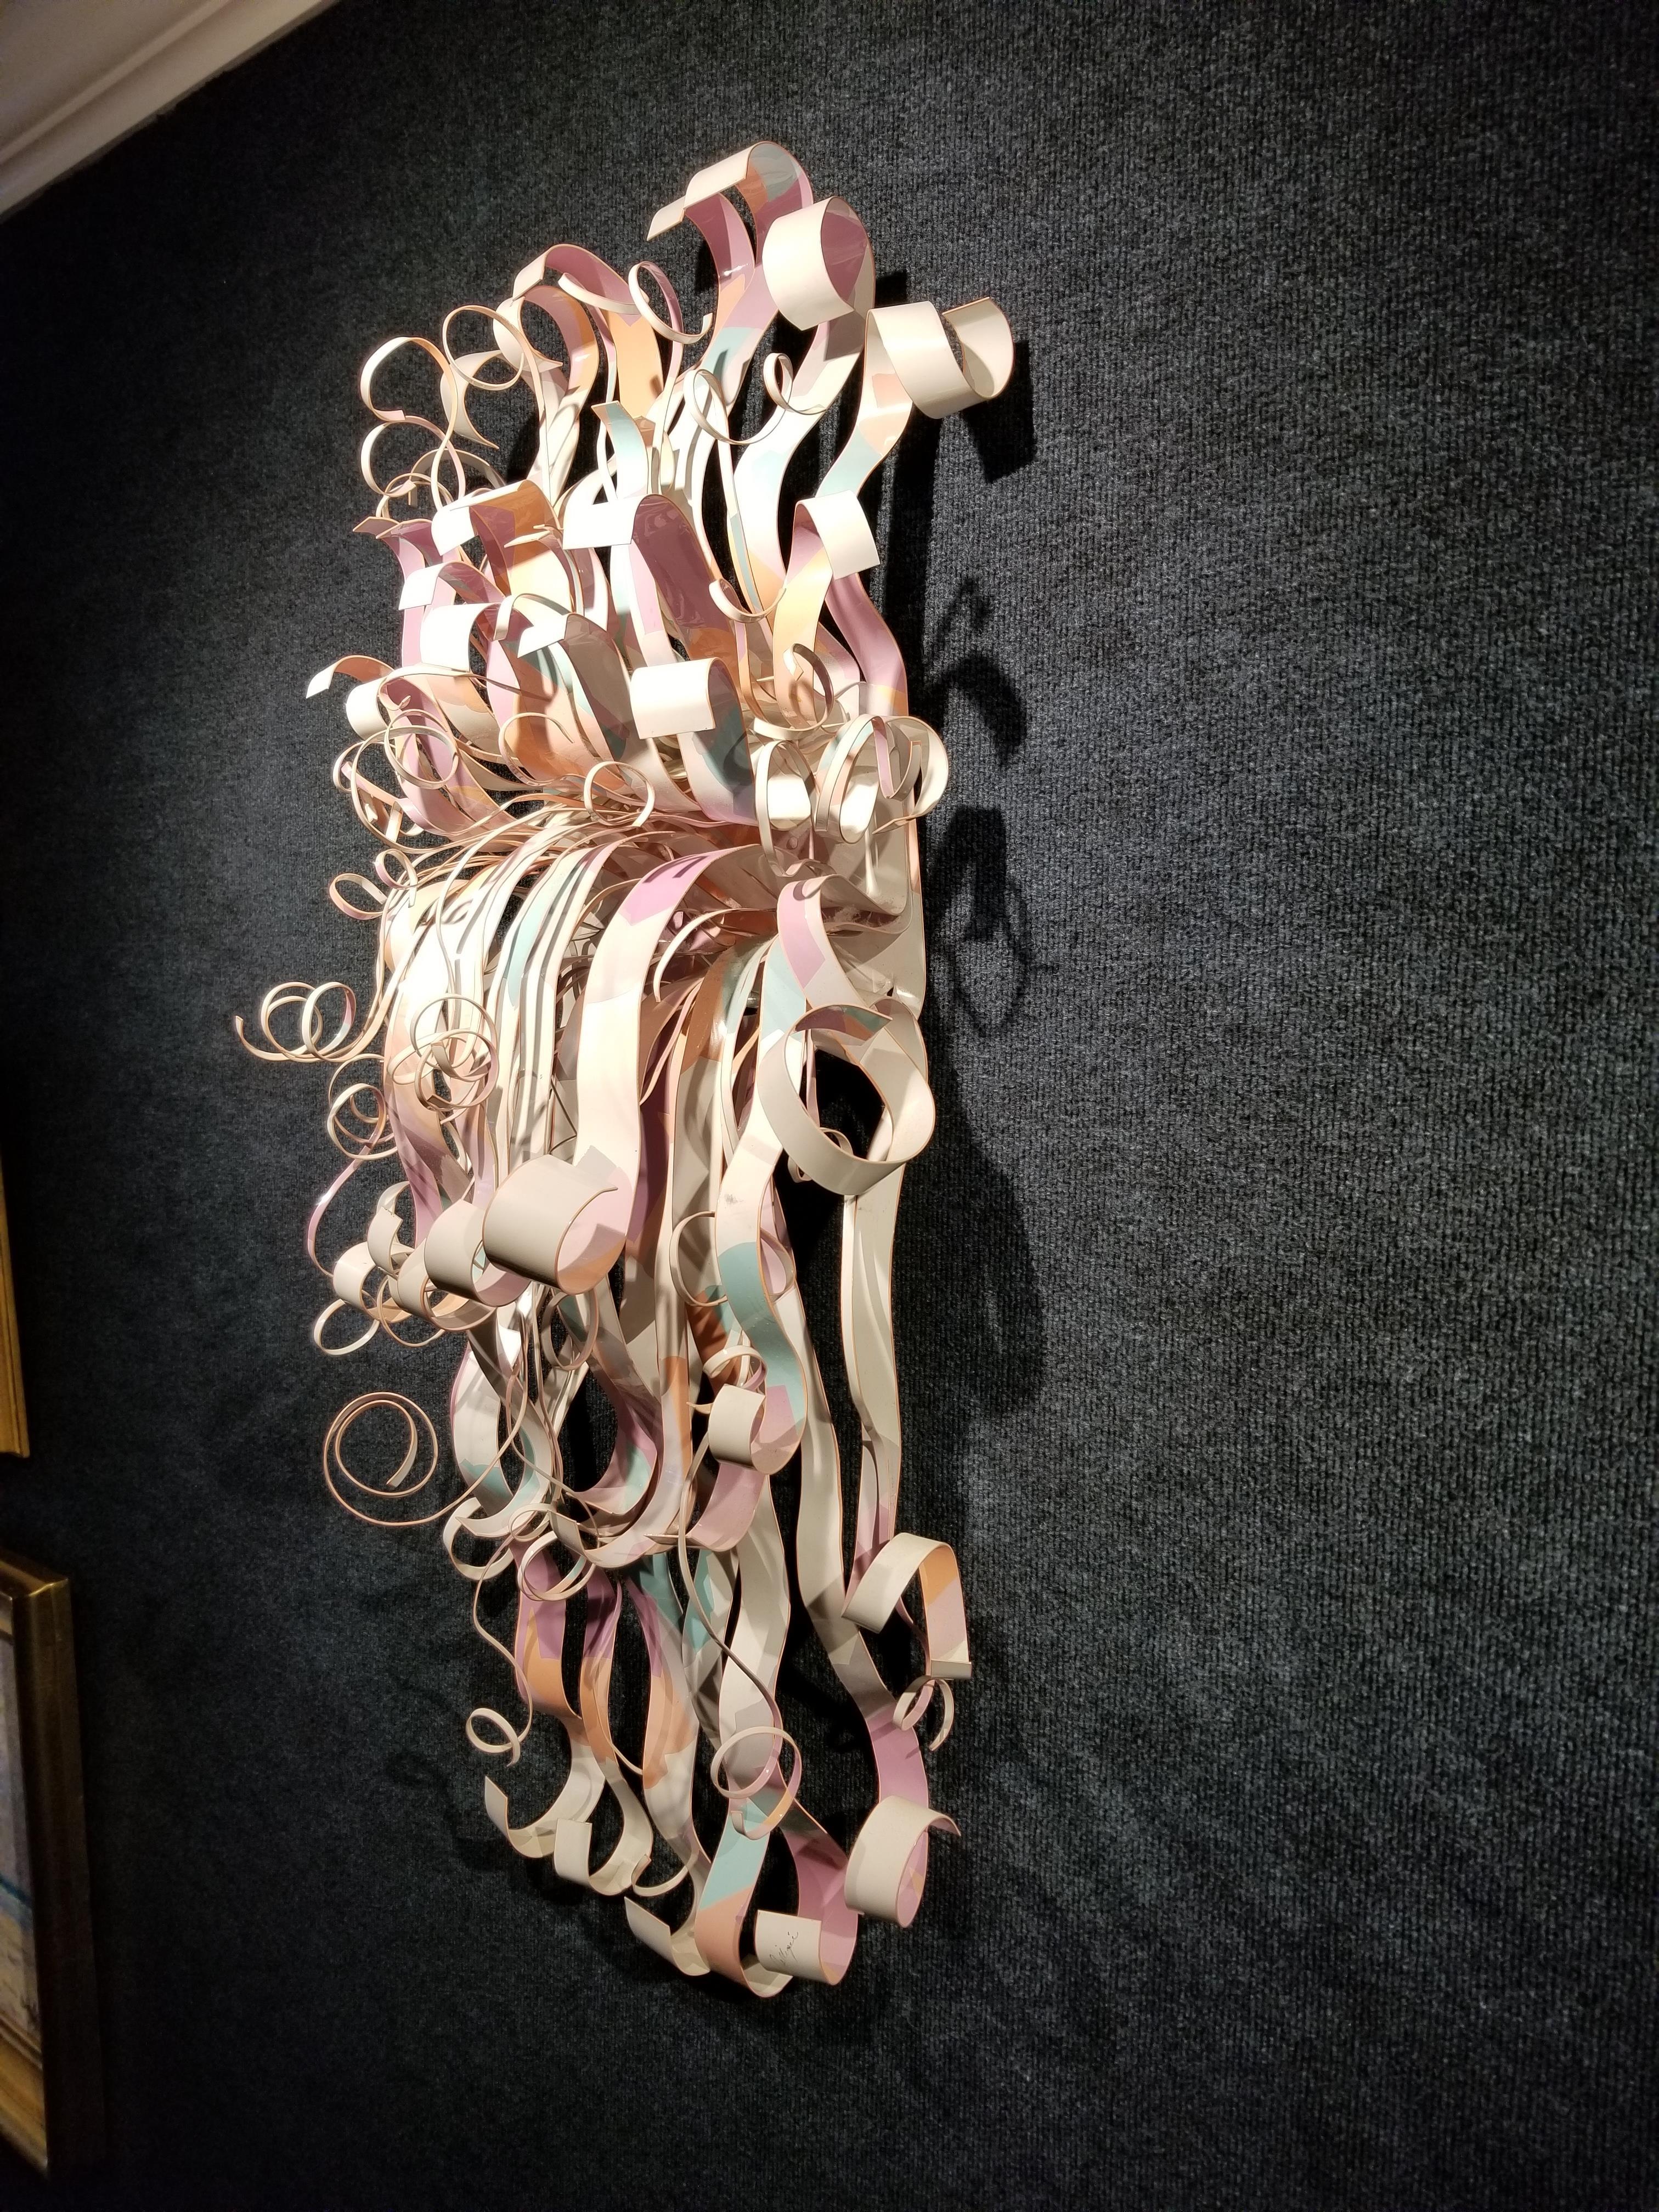 Lot 17 - Dorothy Gillespie (1920 - 2012) Metal Sculpture